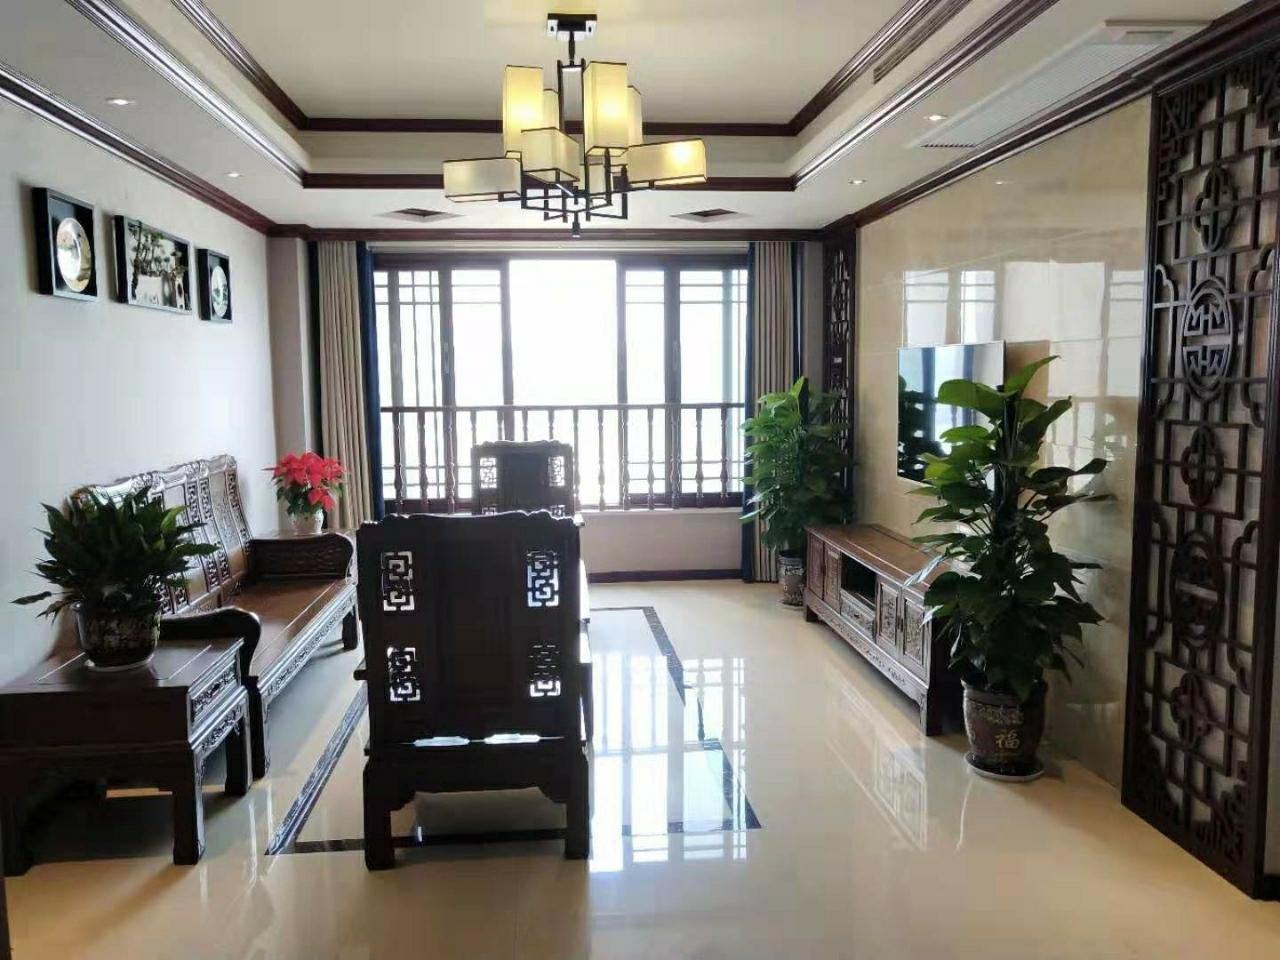 合江江语长滩3室 2厅 2卫138万元